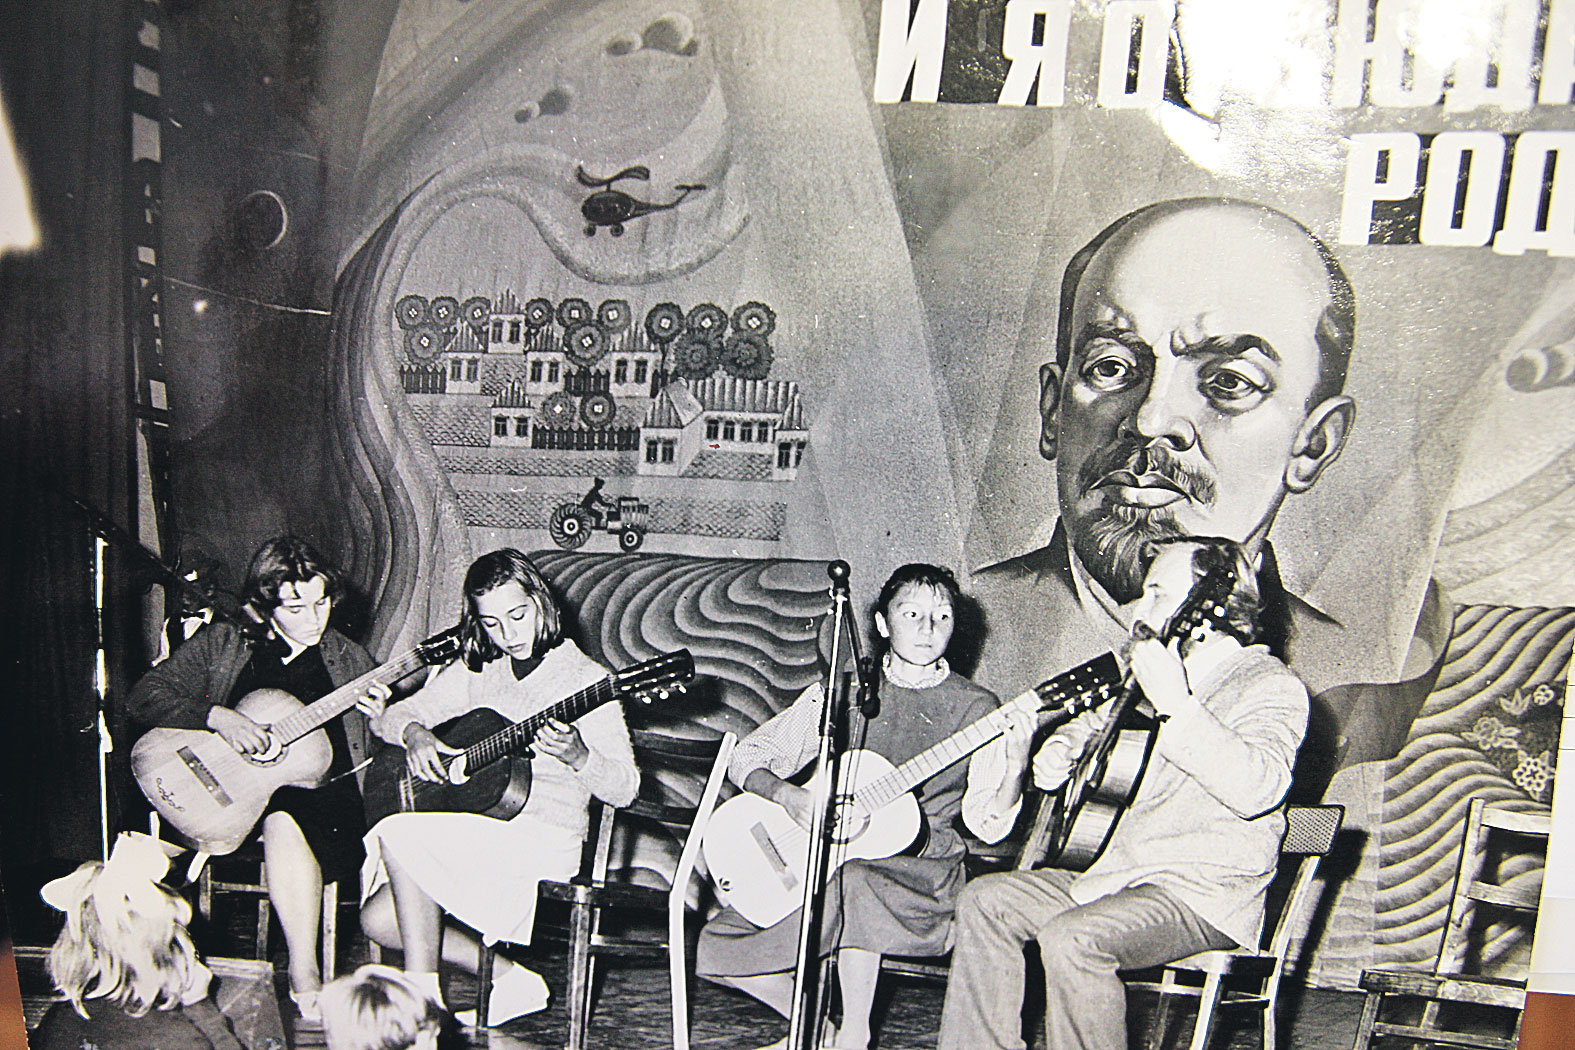 Редкий снимок: Игорь Афанасьевич на сцене ДК  со своими учениками. Фото: Архив Тамары Поповой